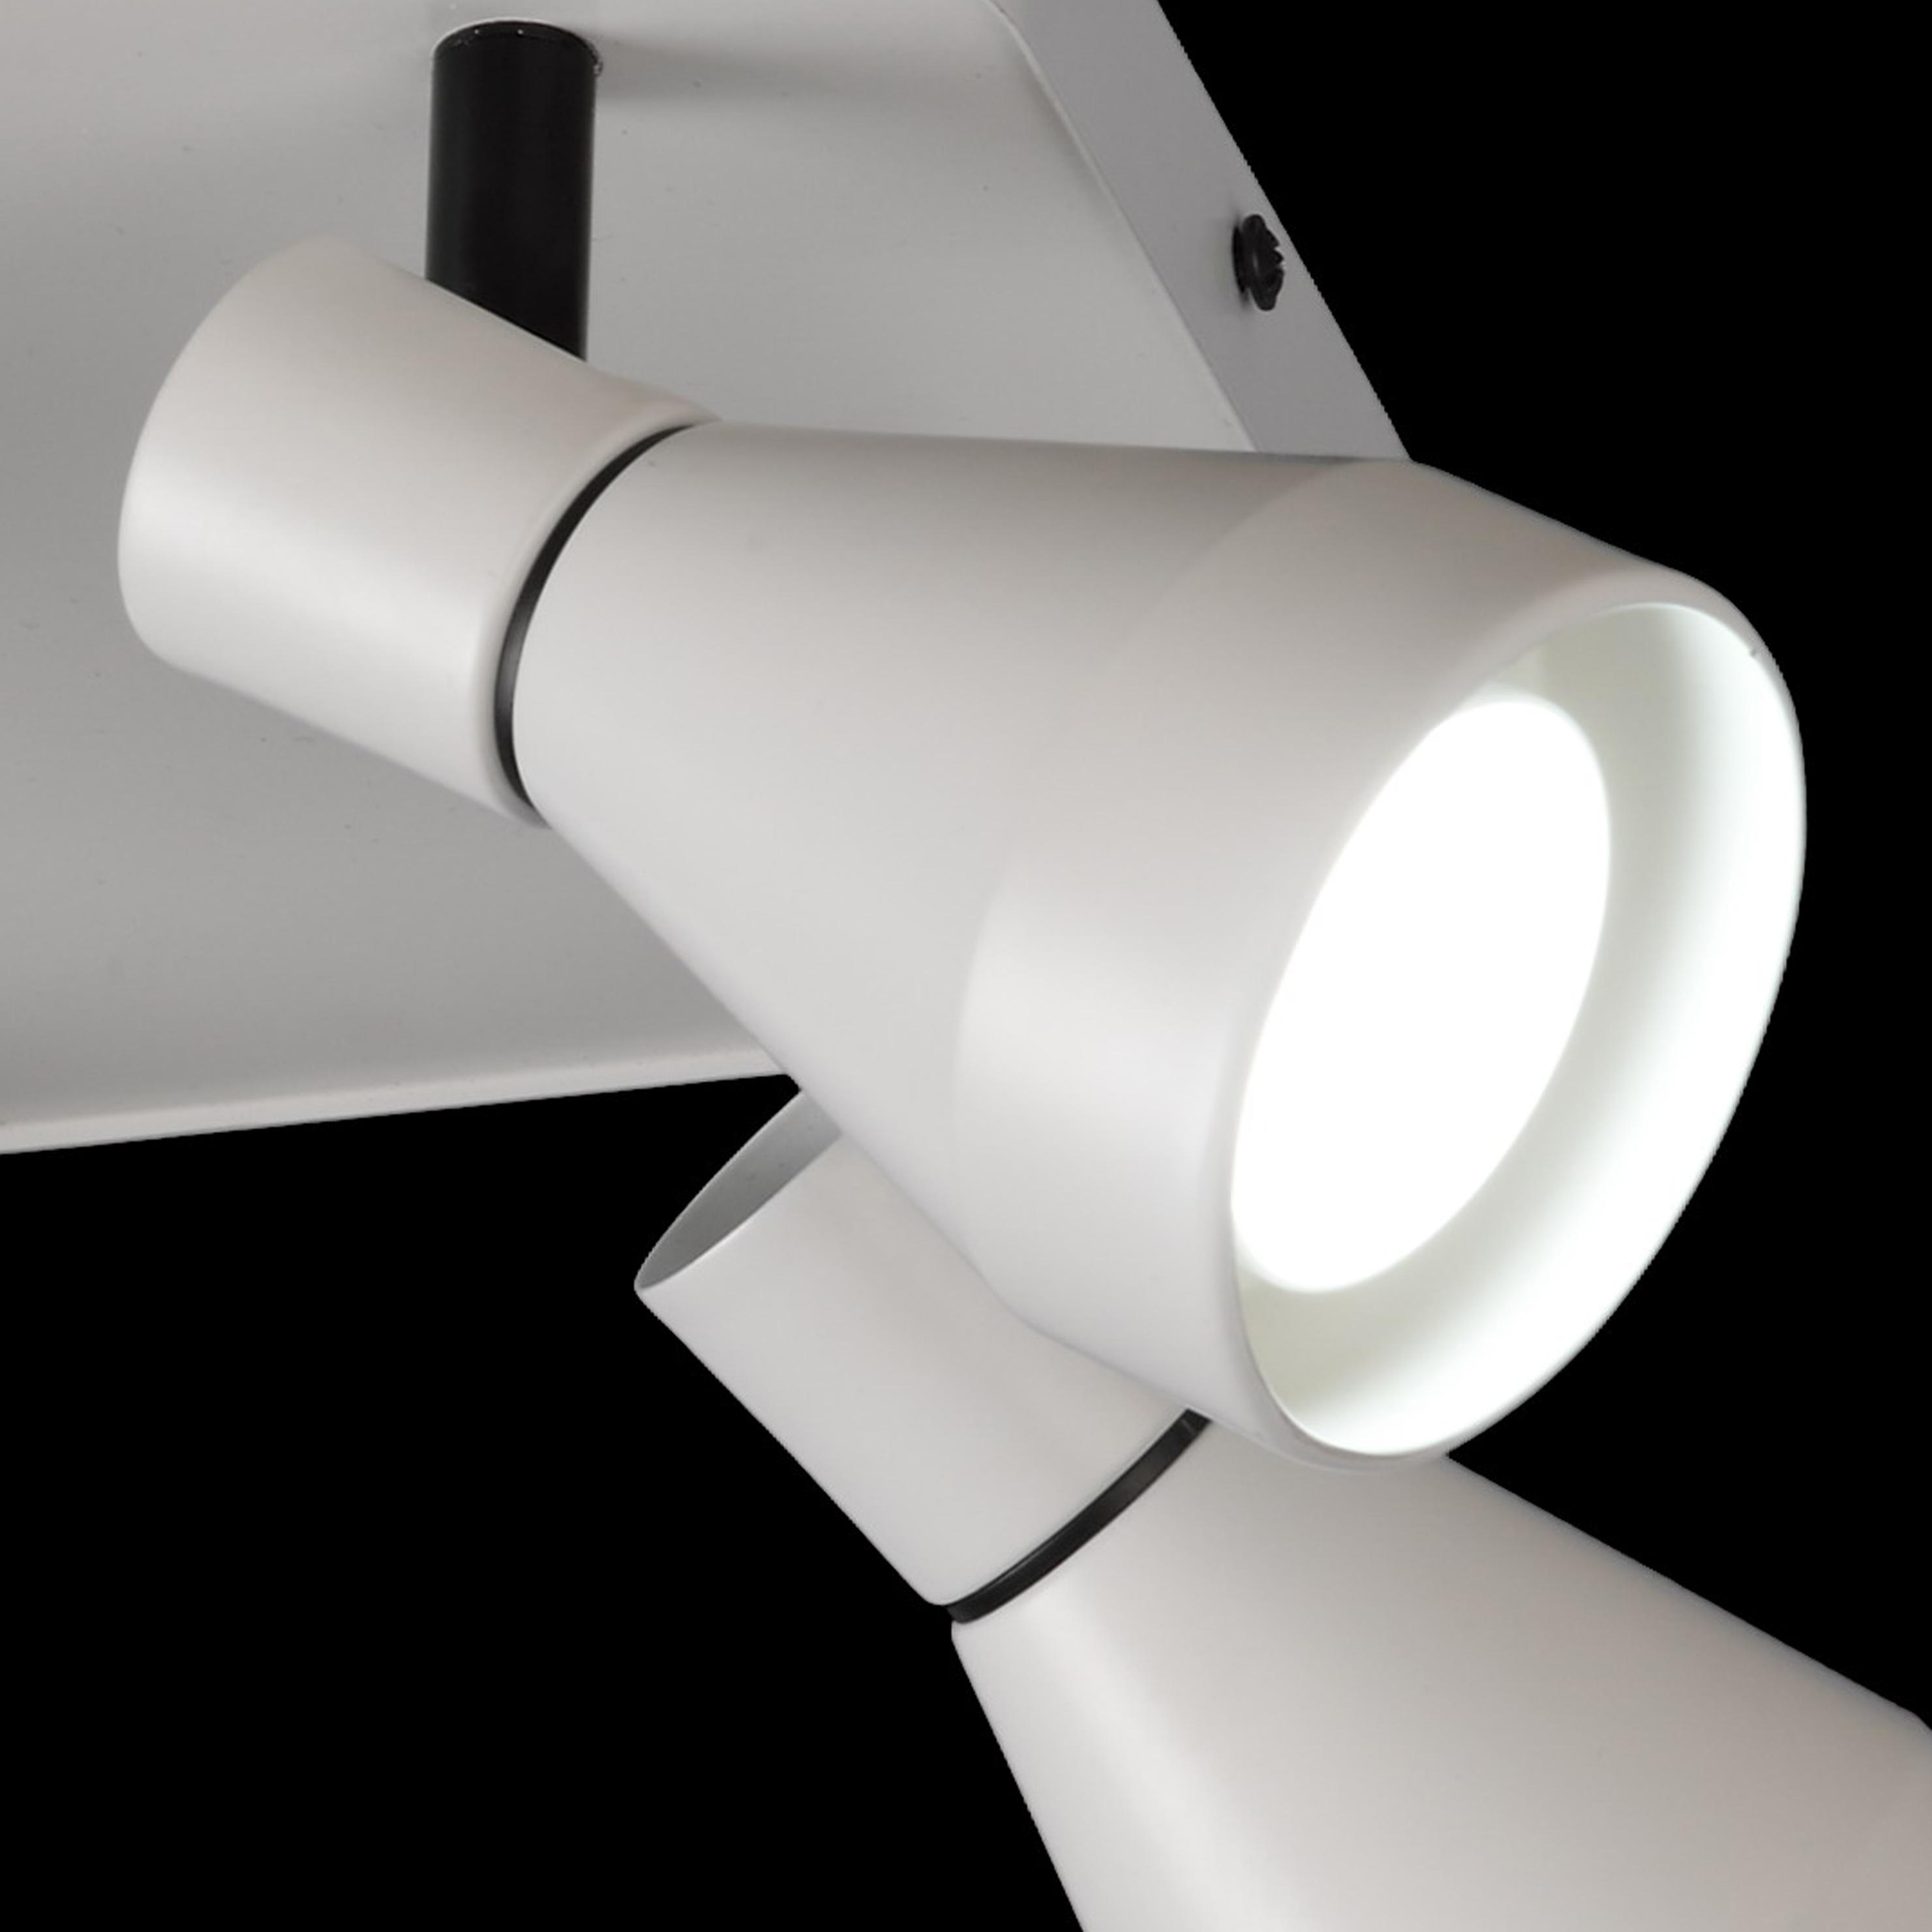 Потолочная люстра с регулировкой направления света Mantra Kos 5844, белый, металл - фото 4